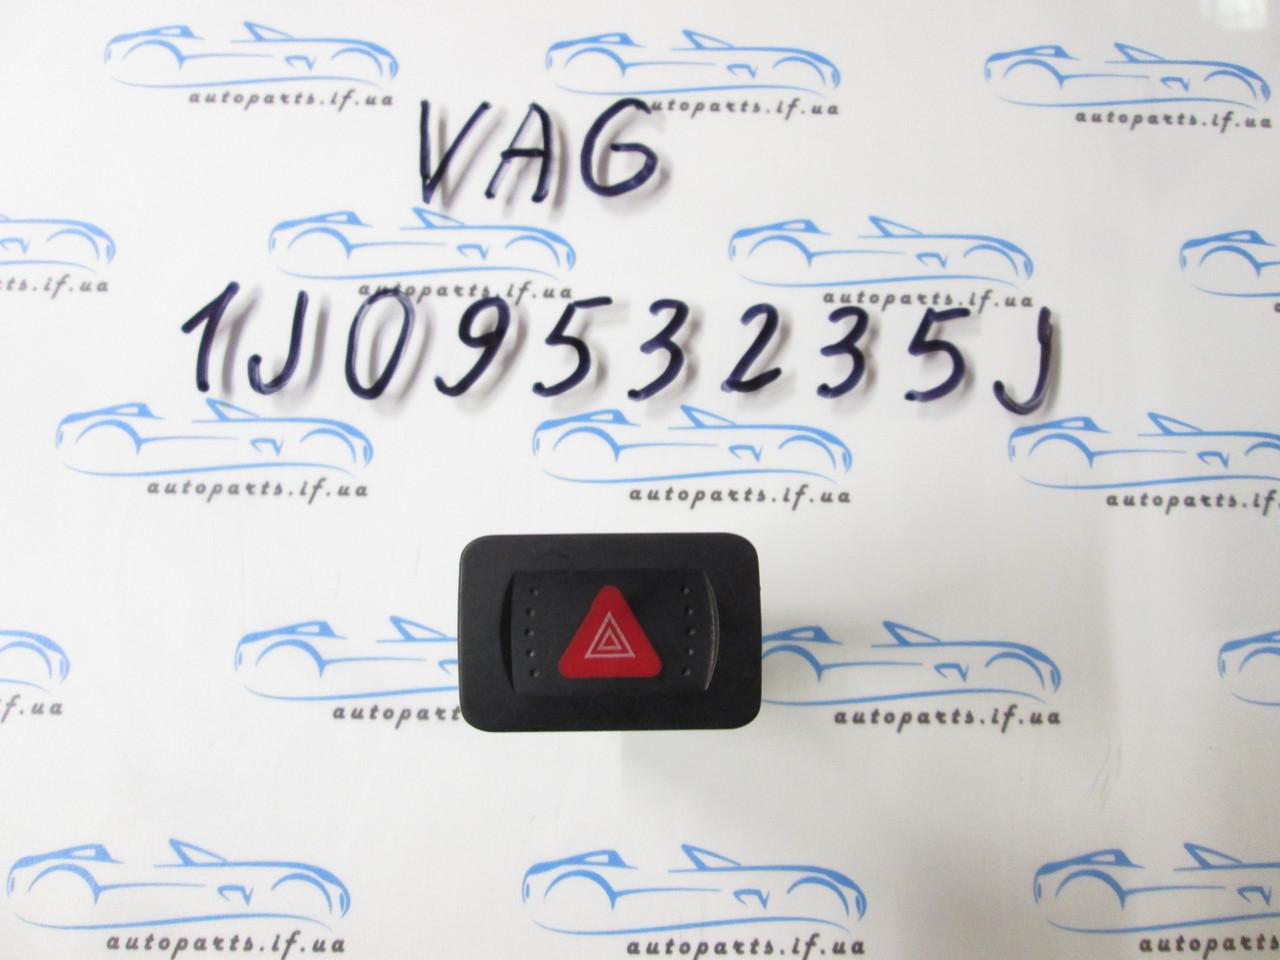 Кнопка аварийки VW Bora, 1J0953235J